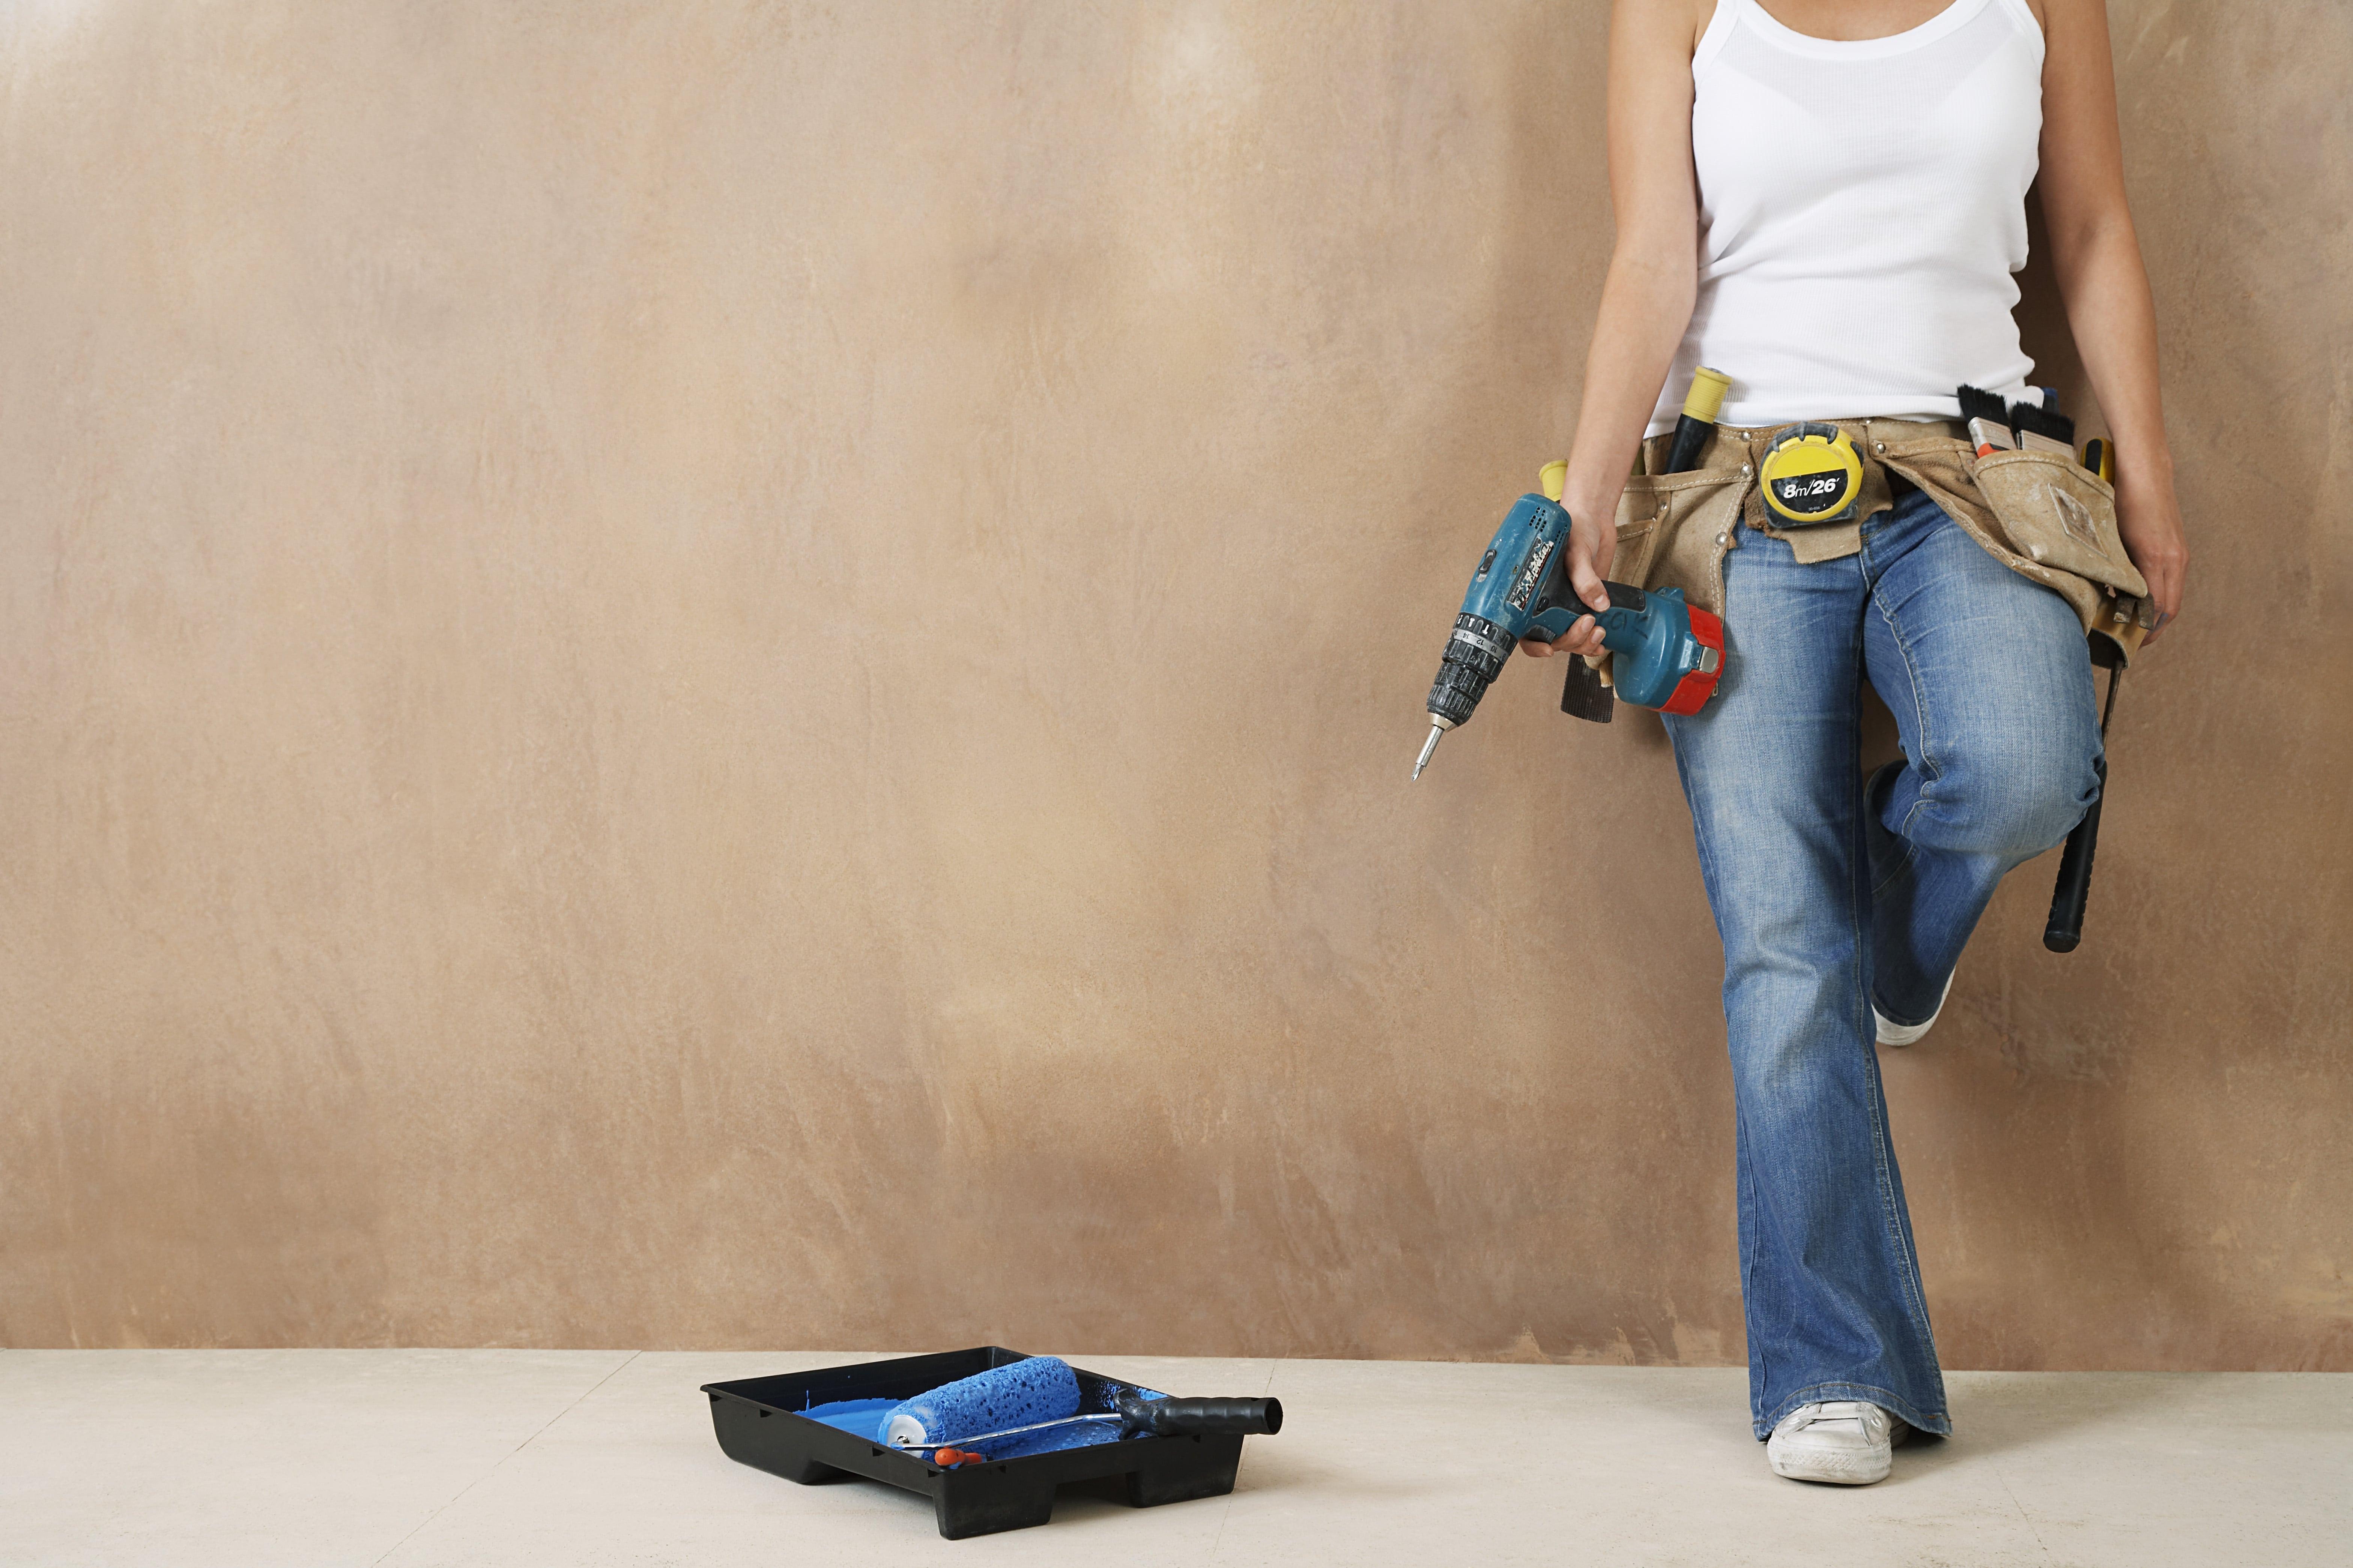 איך אוטמים קירות חיצוניים?